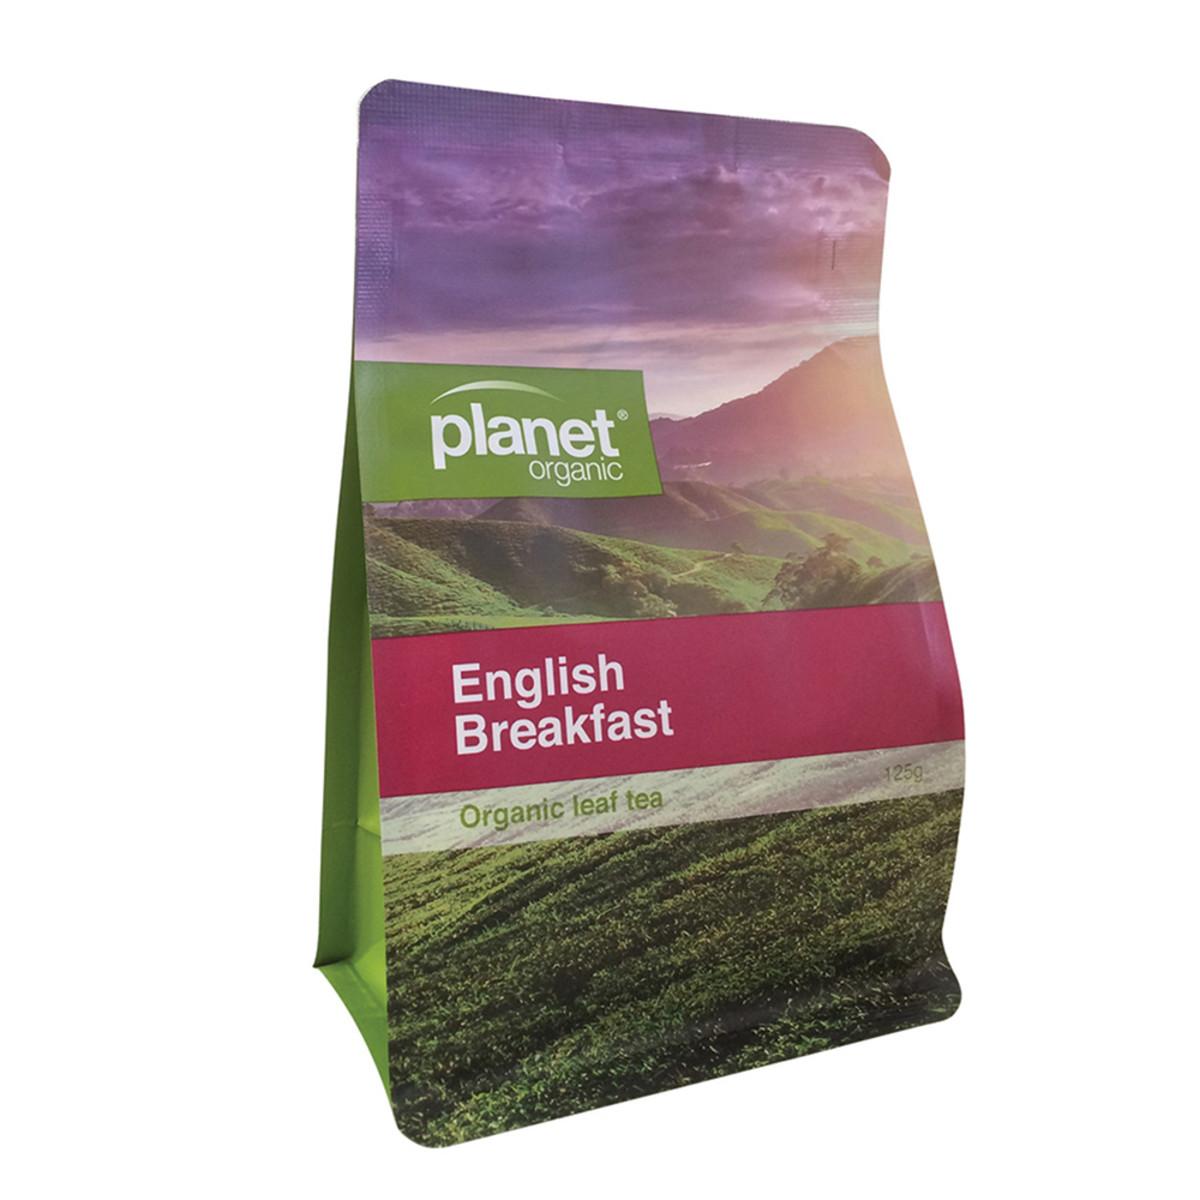 PLANET ORGANIC ENGLISH BREAKFAST LEAF TEA 125G